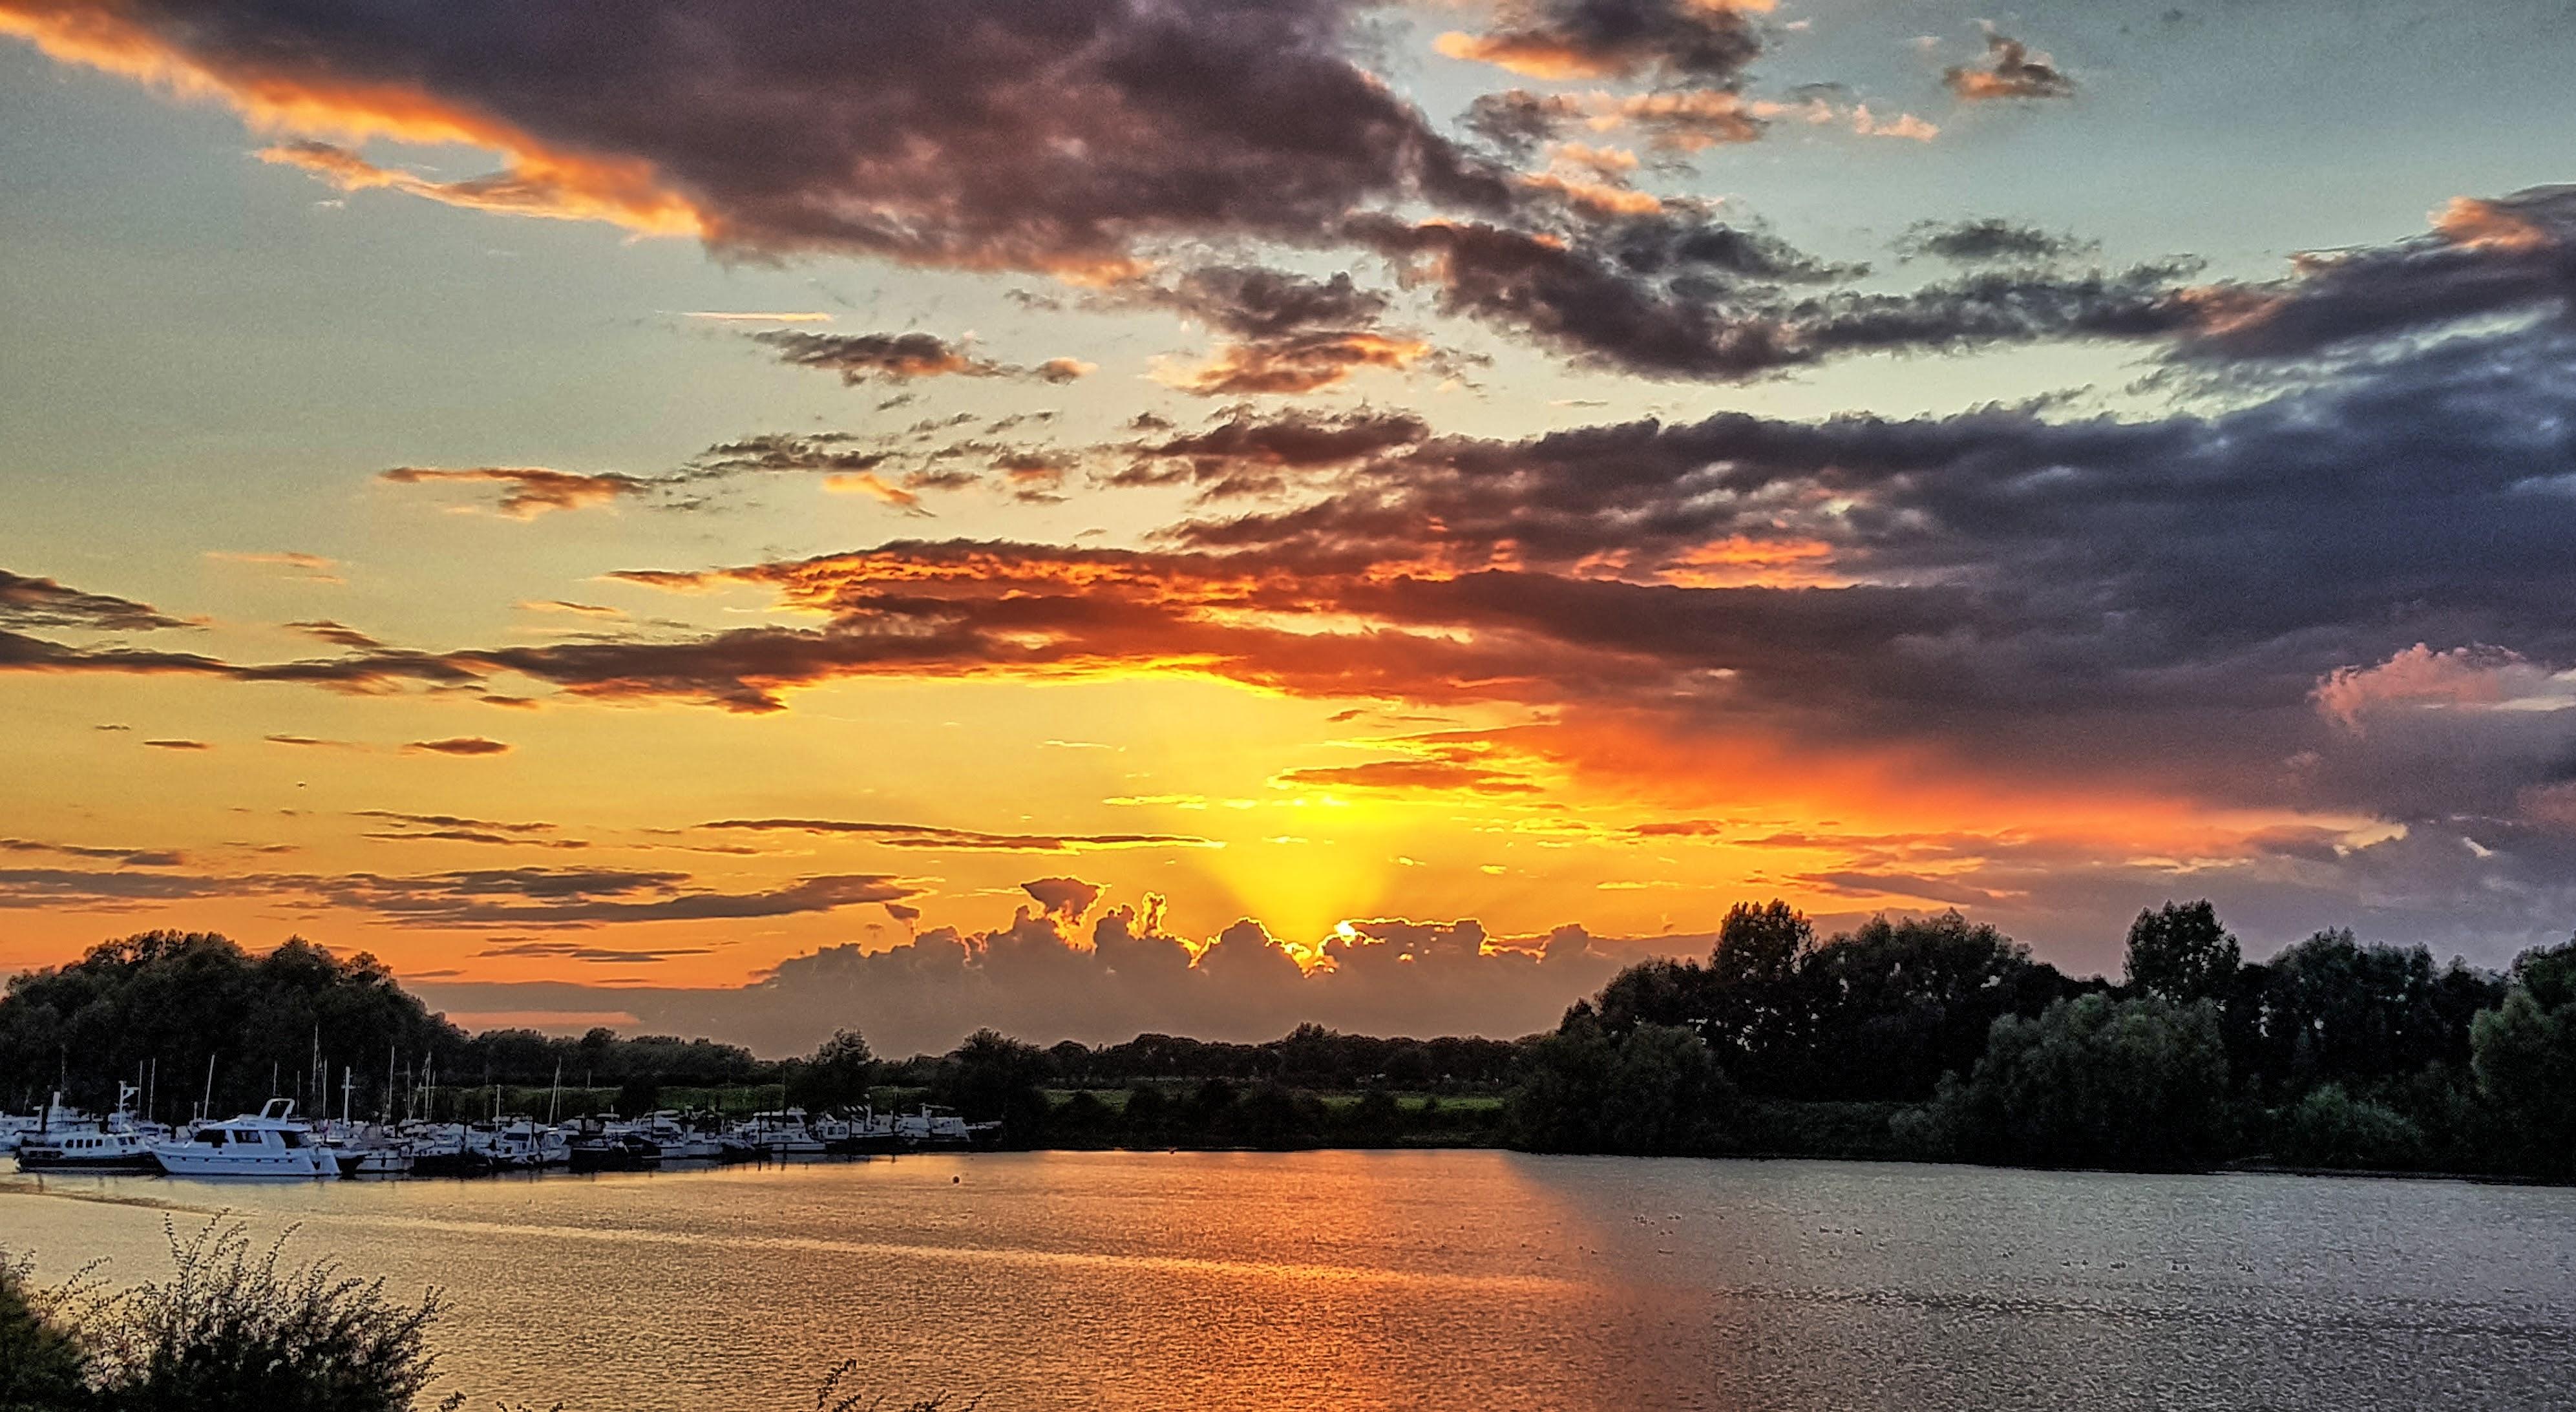 Dramatic-sunset-near-waterfront, Dramatic-sunset-near-waterfront